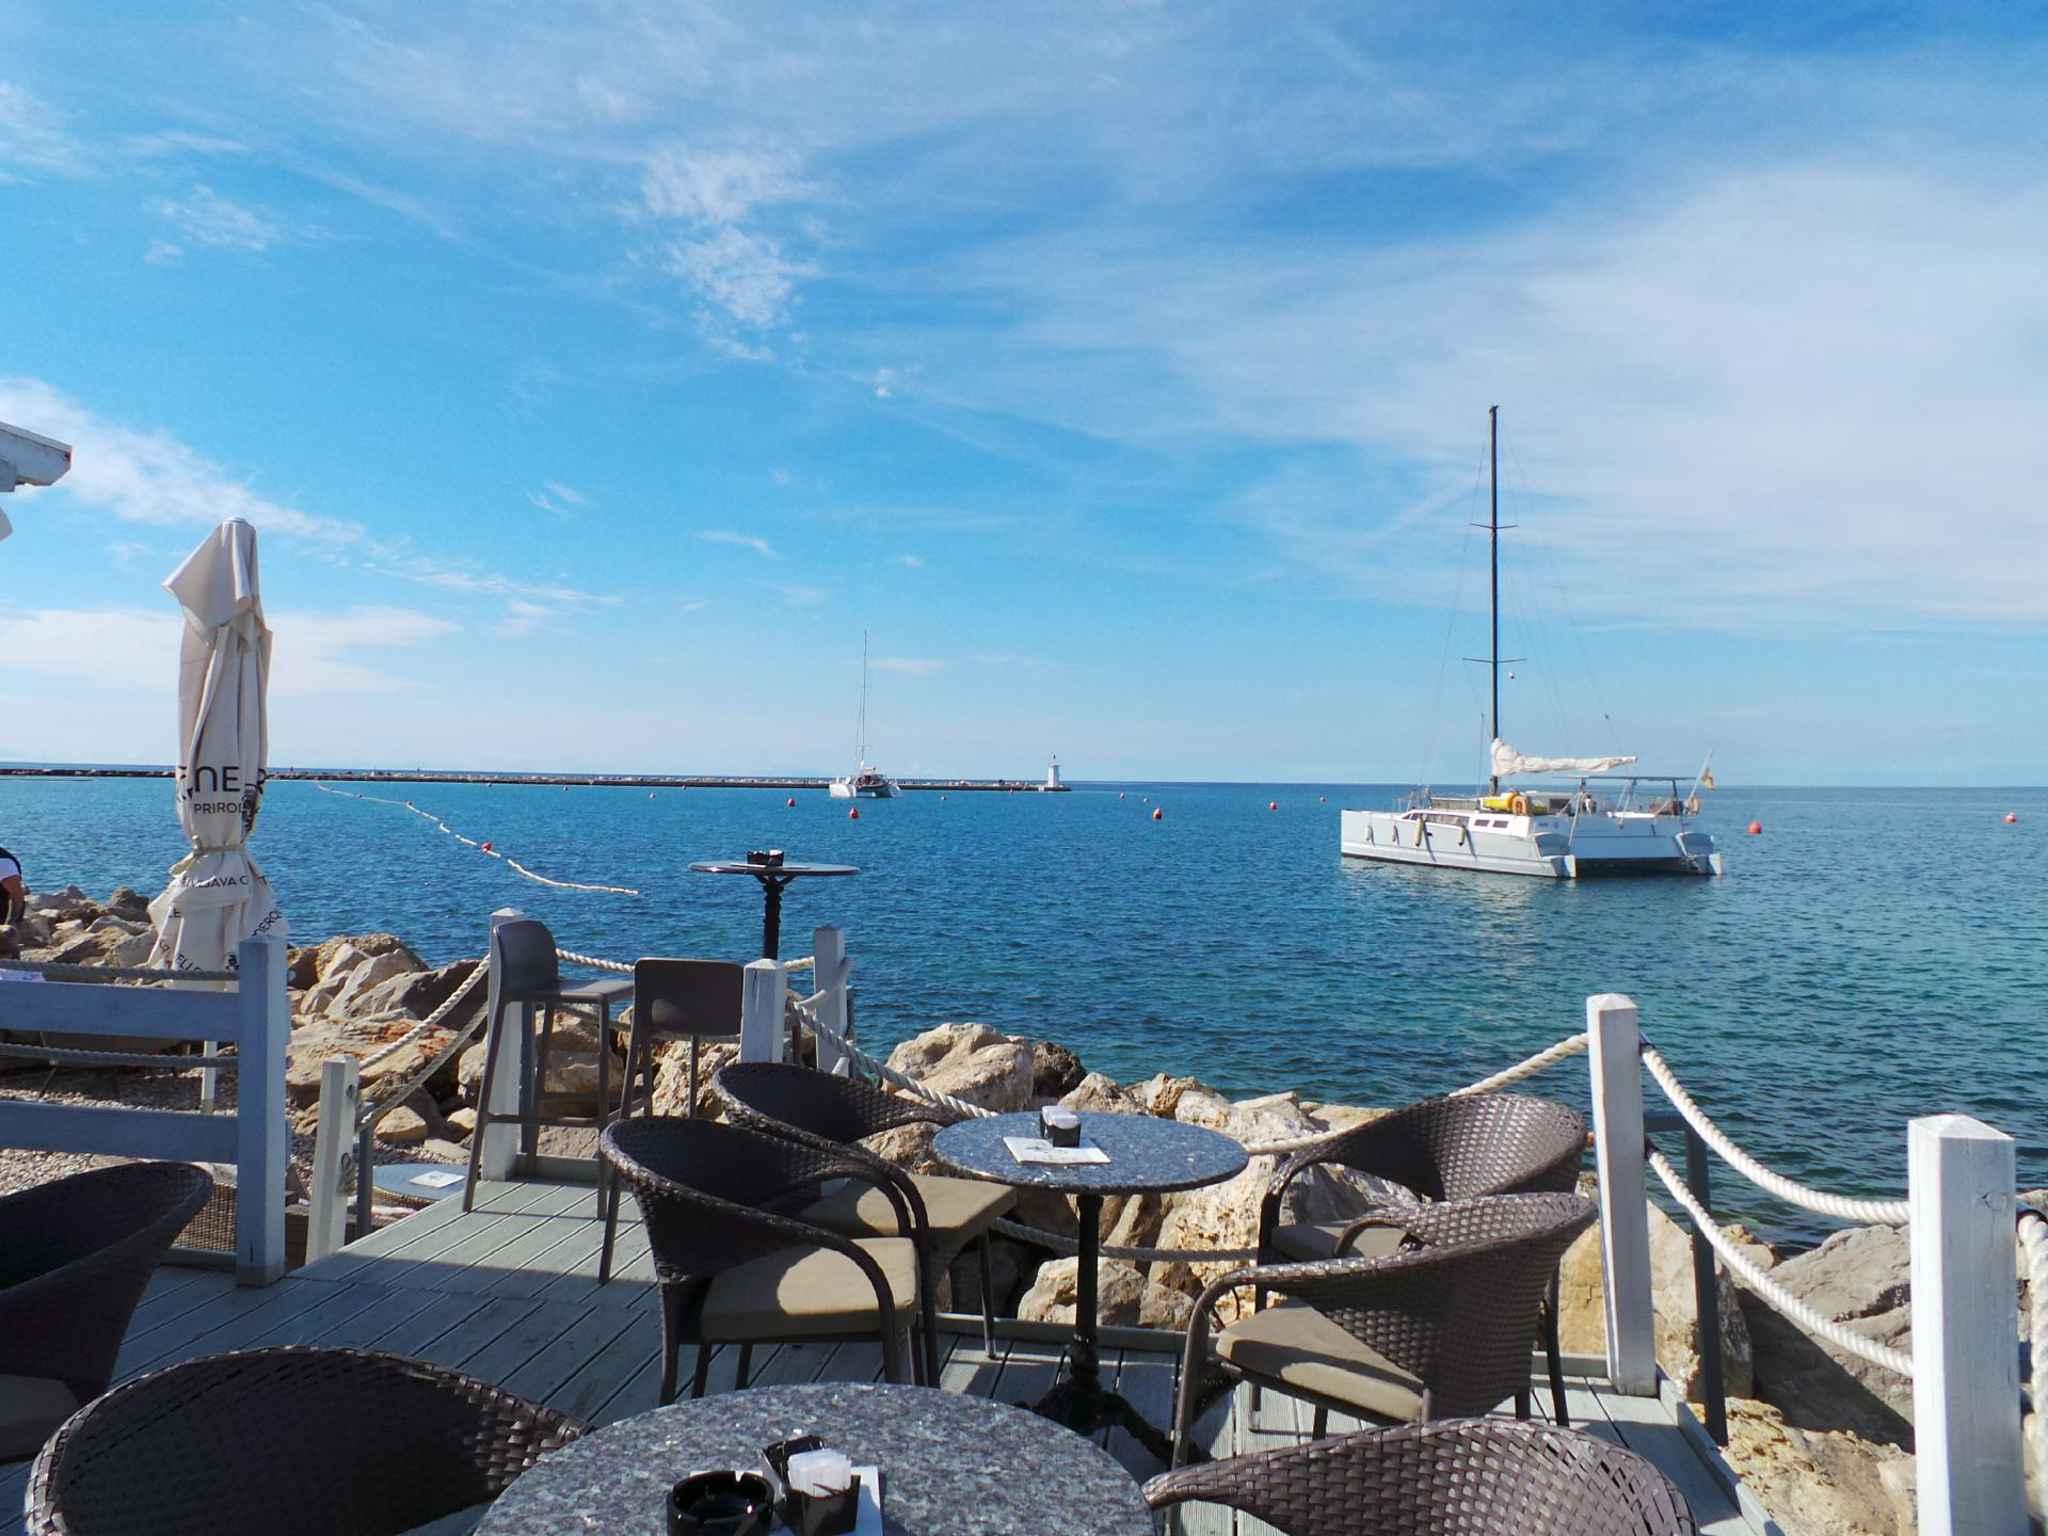 Ferienwohnung mit Meerblick (278910), Zadar, , Dalmatien, Kroatien, Bild 39